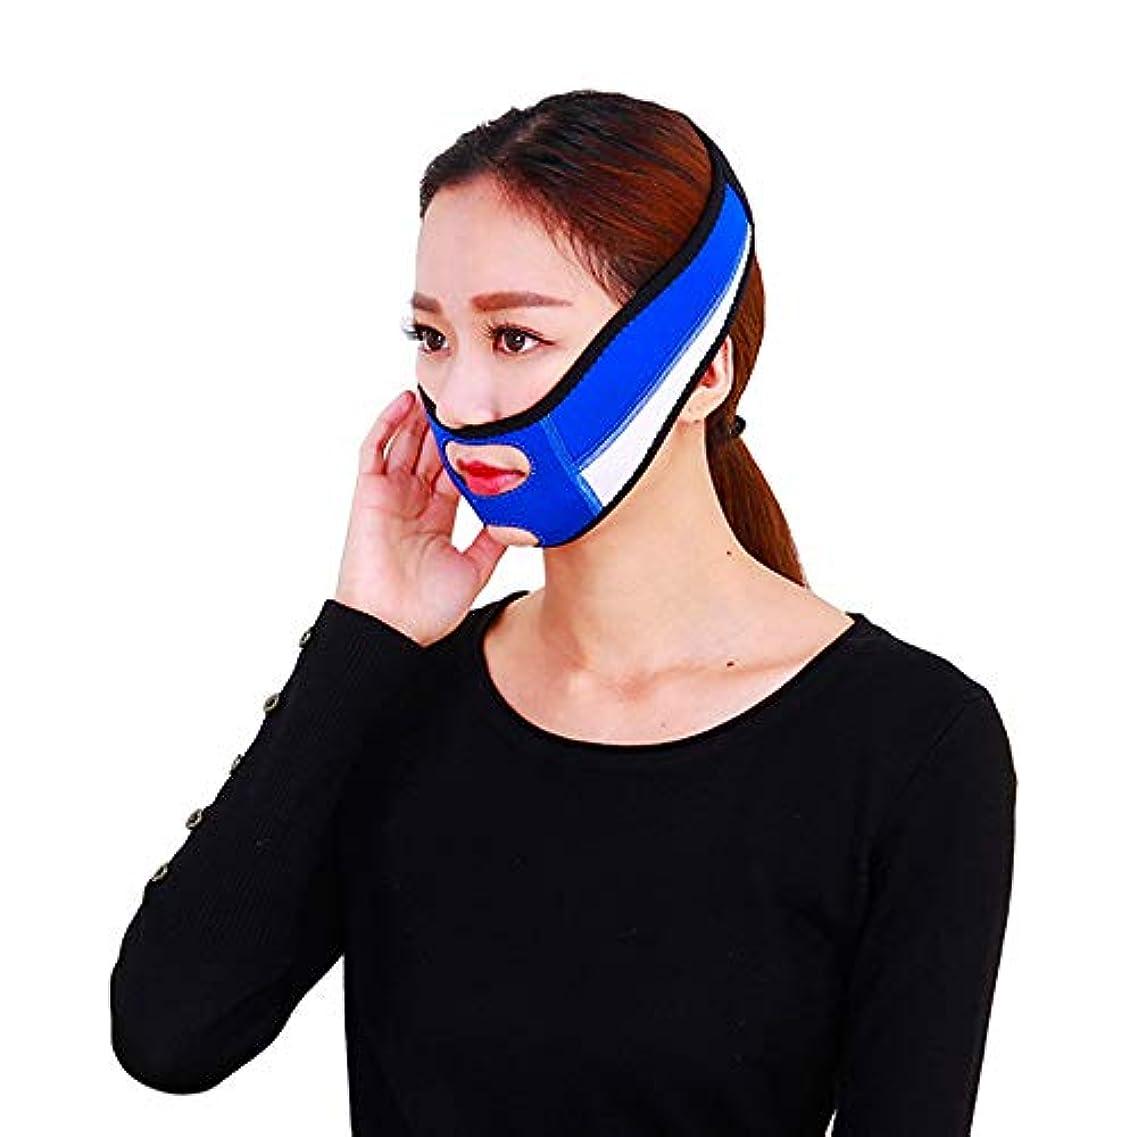 修正する抵当黒板フェイススリミングマスク、Vラインチンチーク女性用リフトアップバンド、あごジムダブルあごリデューサーフェイススリミングバンデージベルトマスクフェイスリフトマッサージ器筋肉ストラップ